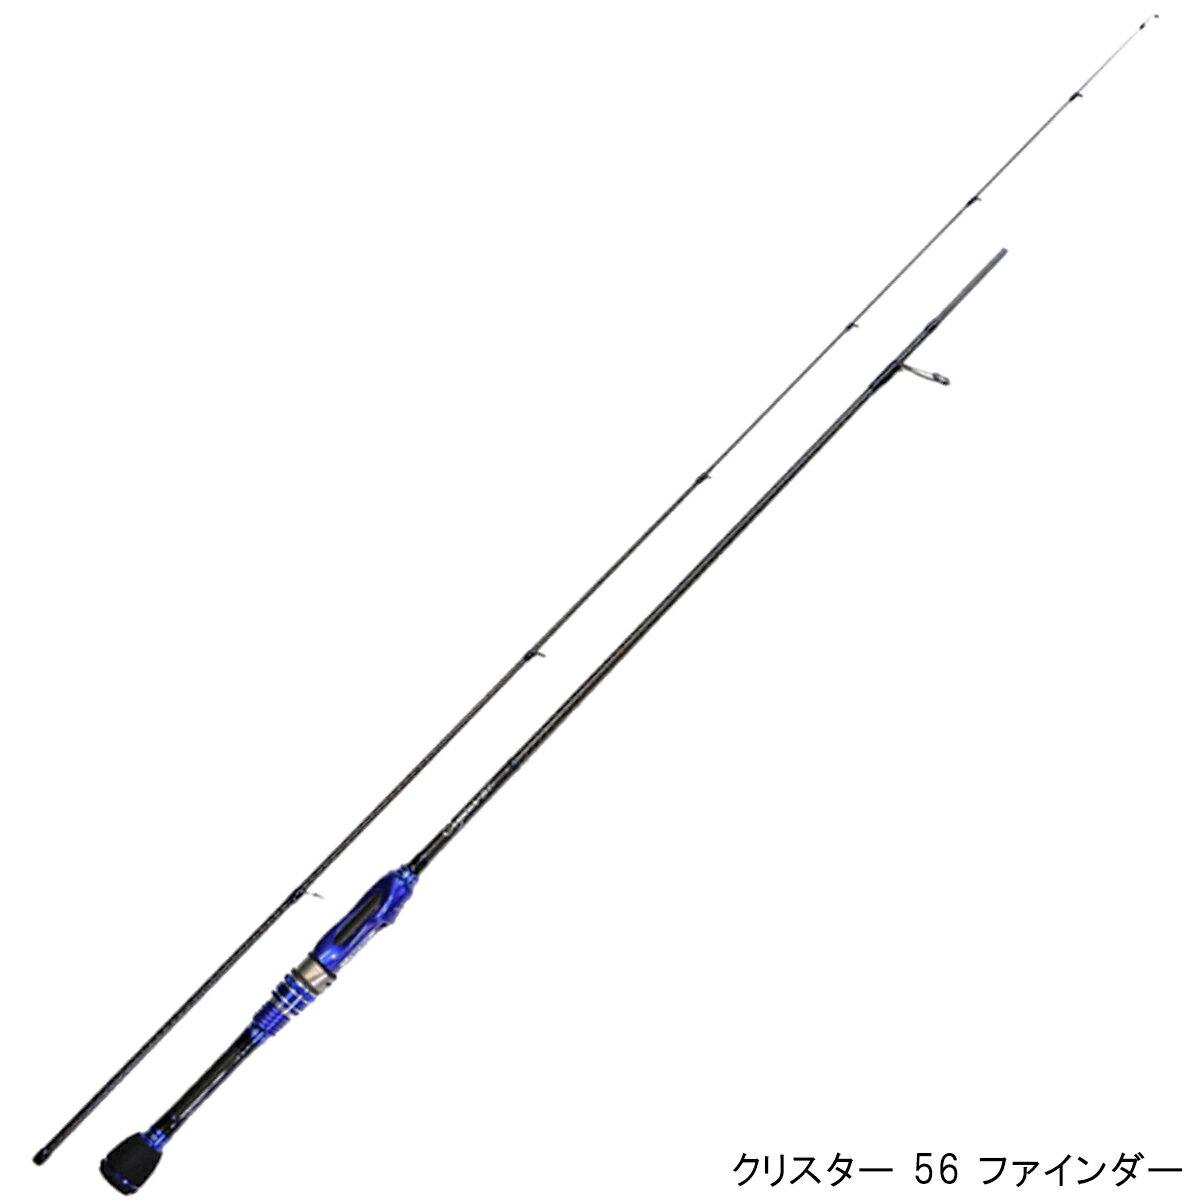 クリスター 56 ファインダー【送料無料】